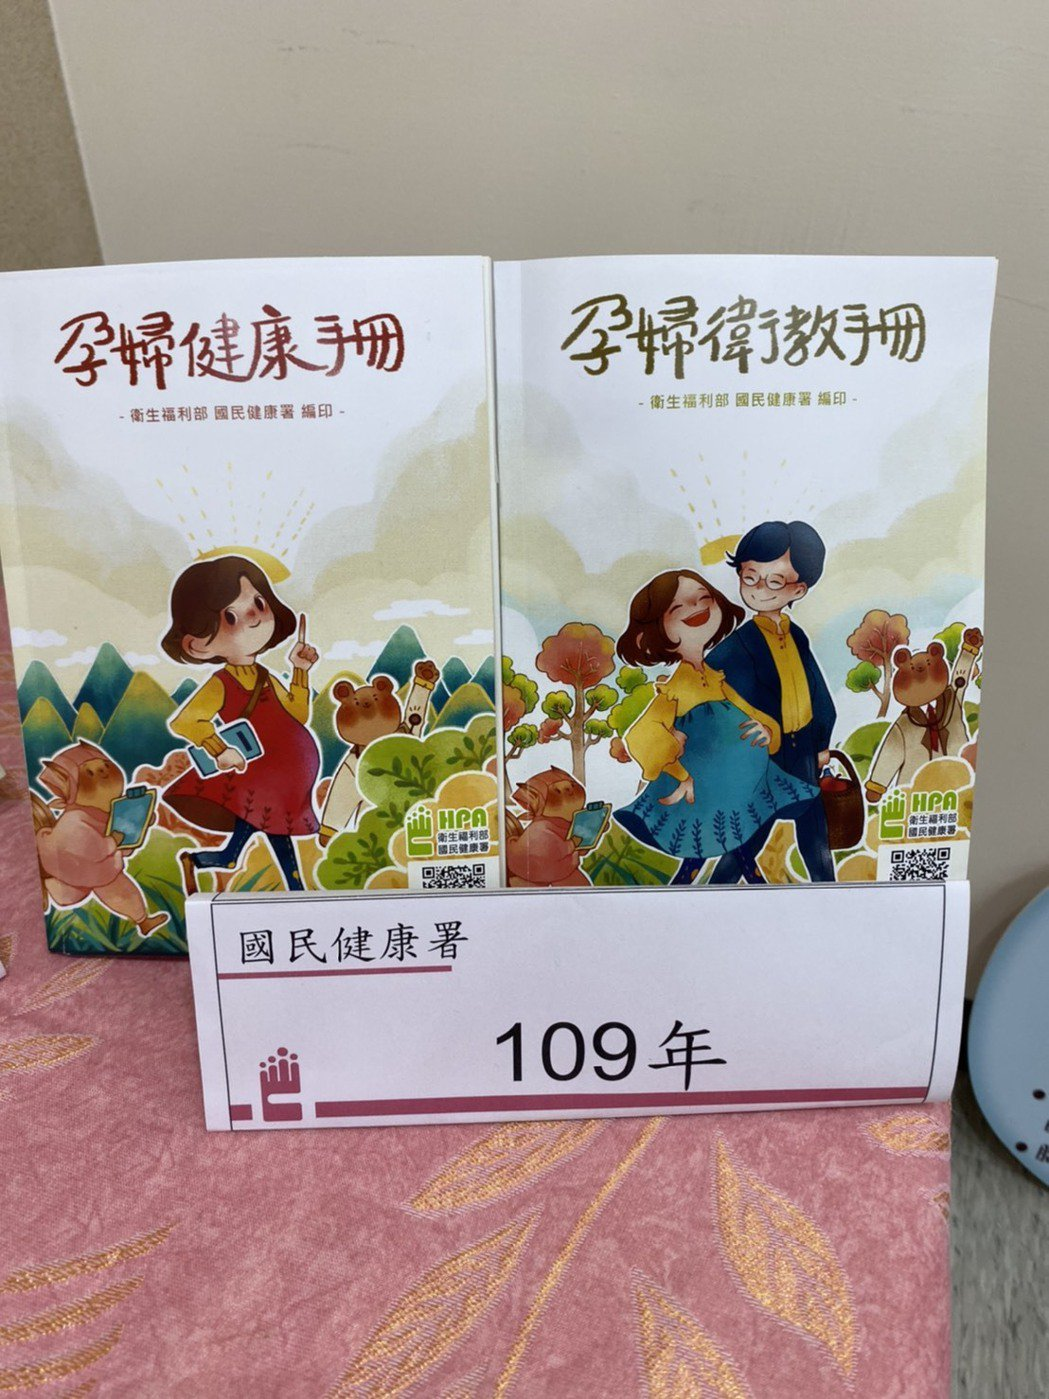 台灣婦產科醫學會理事長黃閔照表示,這次手冊也將衛教手冊、健康手冊分開,資訊重新編...